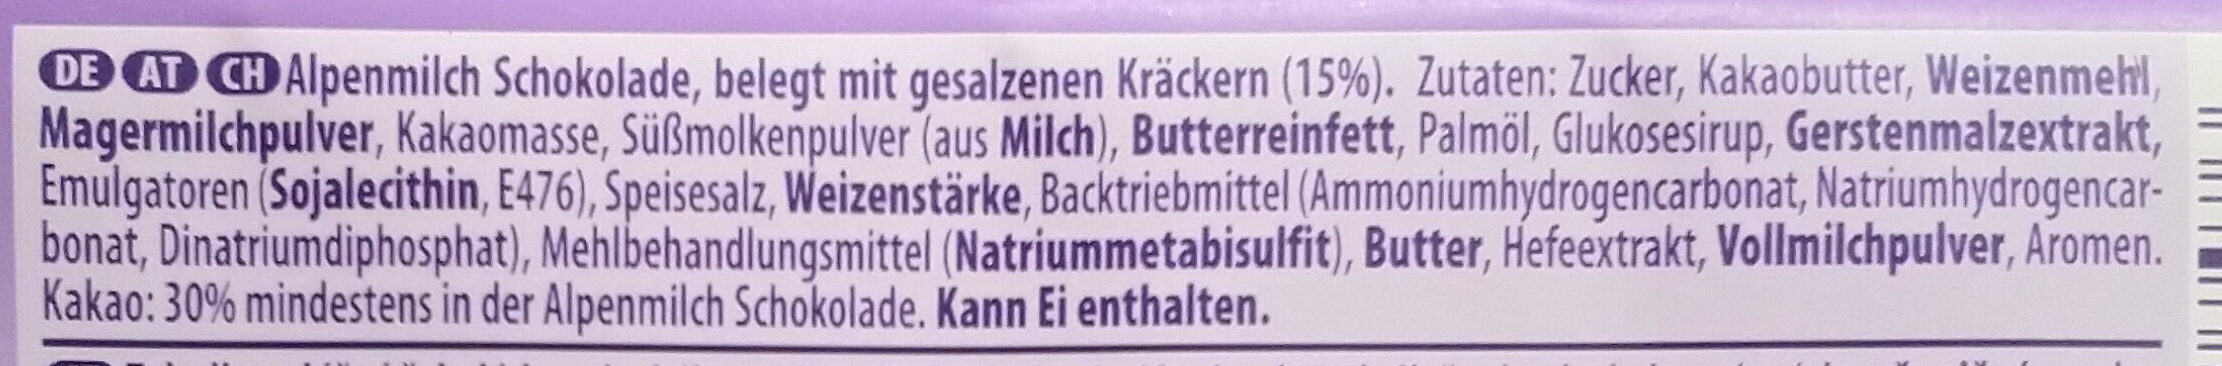 Alpenmilch Schokolade & TUC Cracker - Ingredienti - de